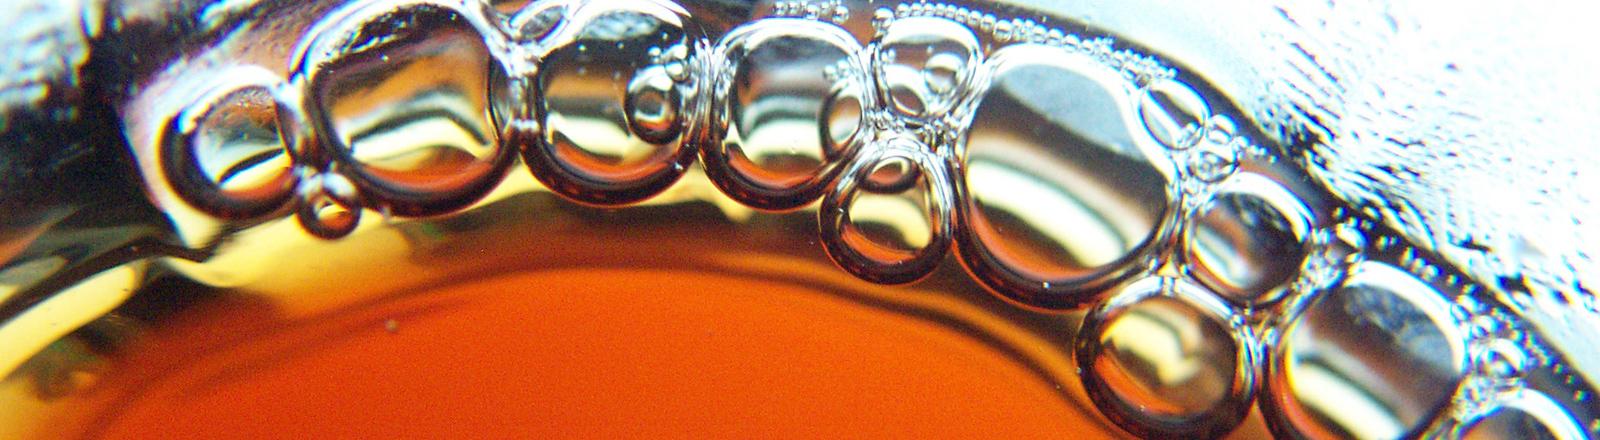 Cola mit Luftblasen